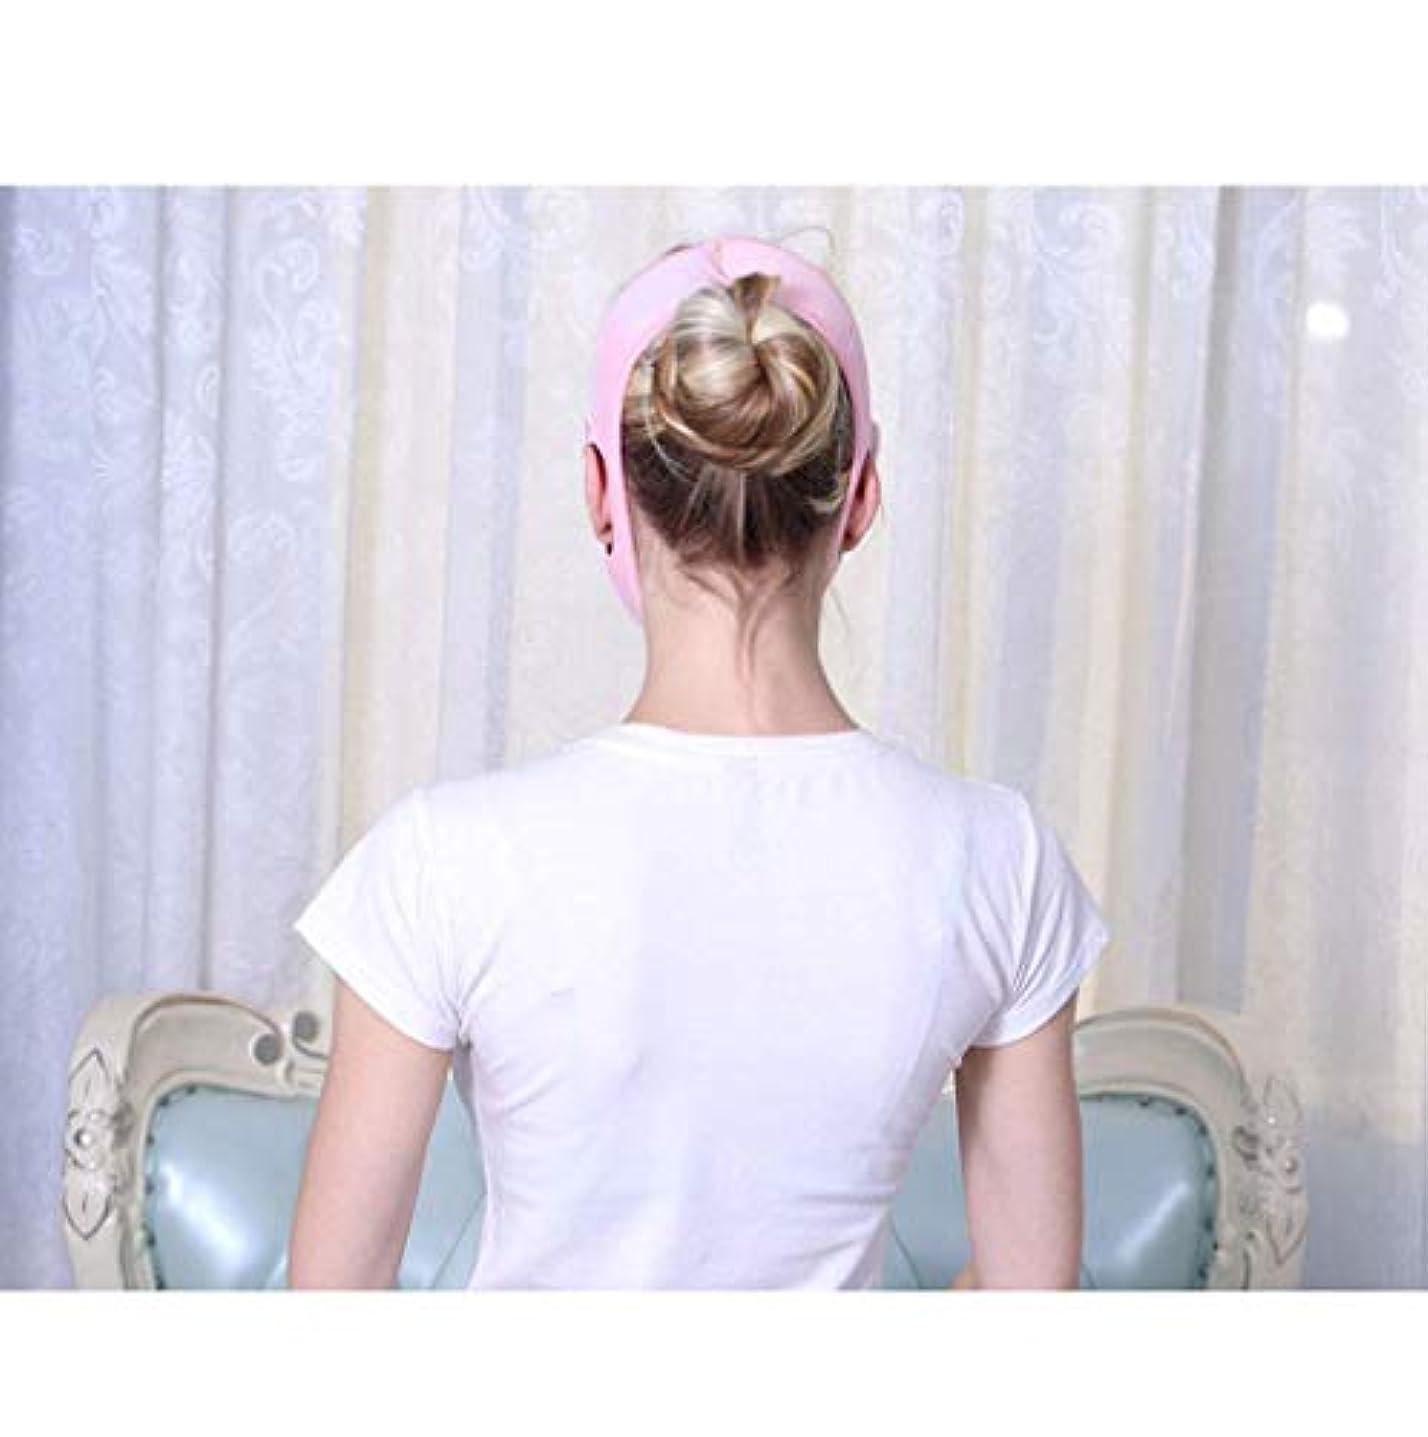 絶えずわざわざ破壊的薄型フェイスベルト、V字絆創膏ダブルマスクあご取り法用マスクリフティングファーミングスリーピングマスク(カラー:ホワイト),ピンク